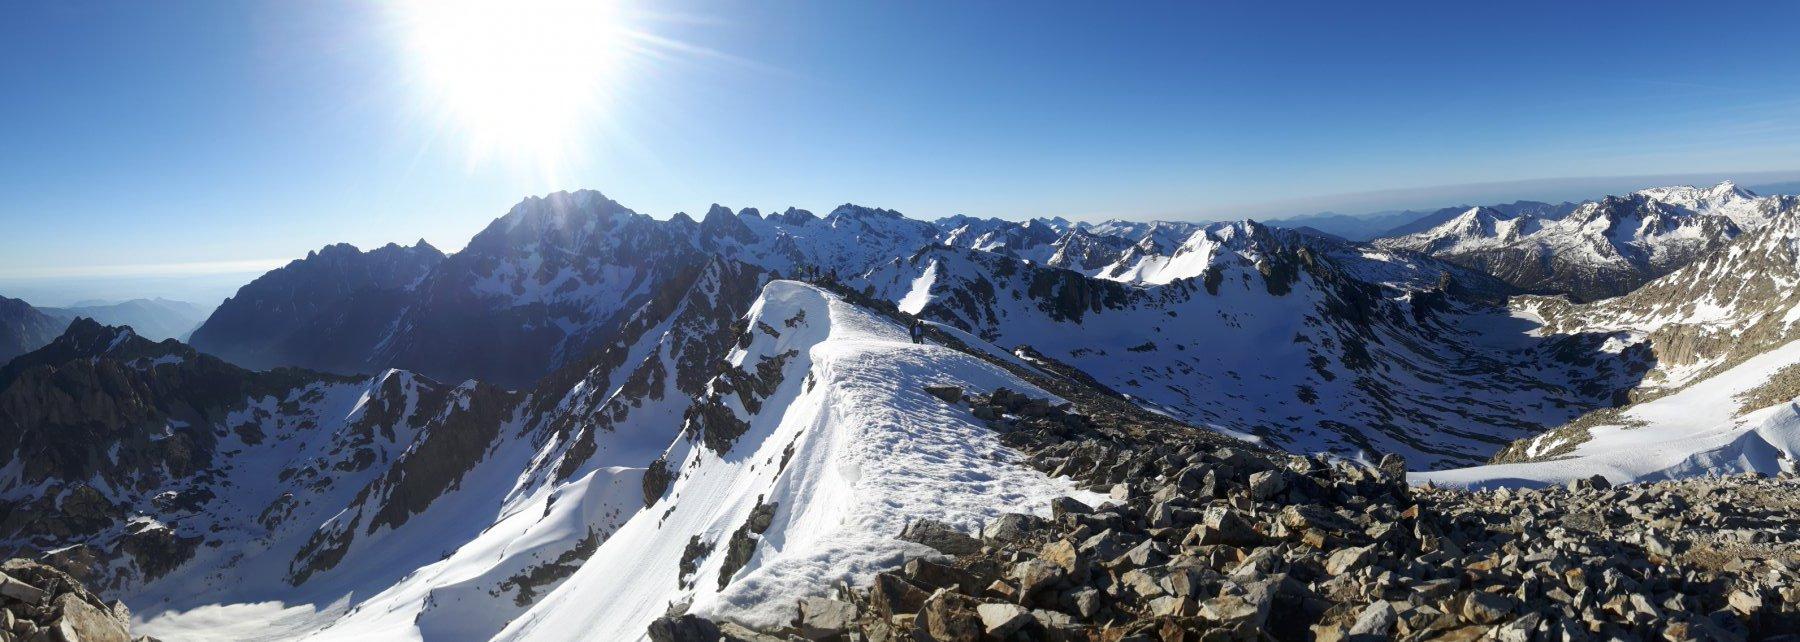 Panorama spaziale dalla cima